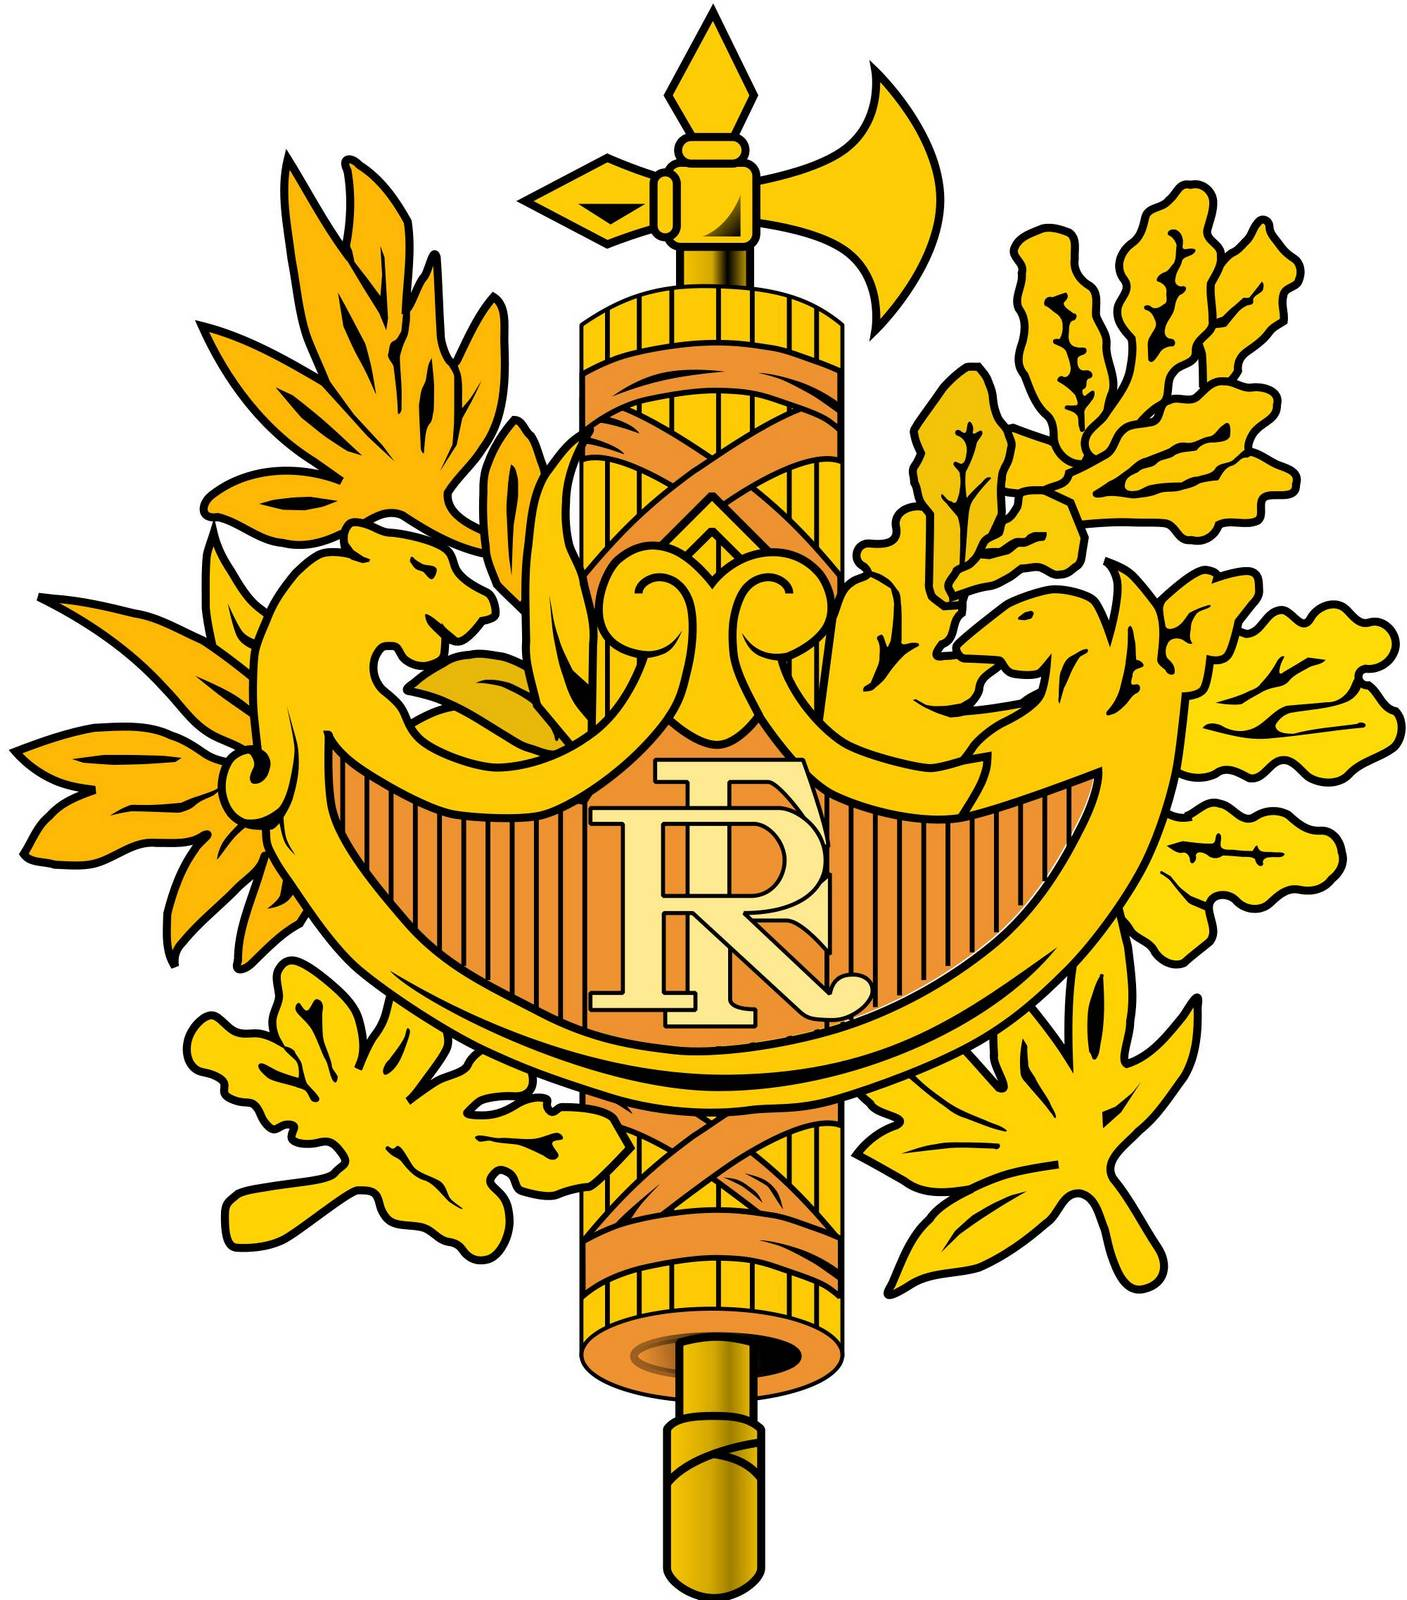 герб франции картинка процесс жевания символизировал